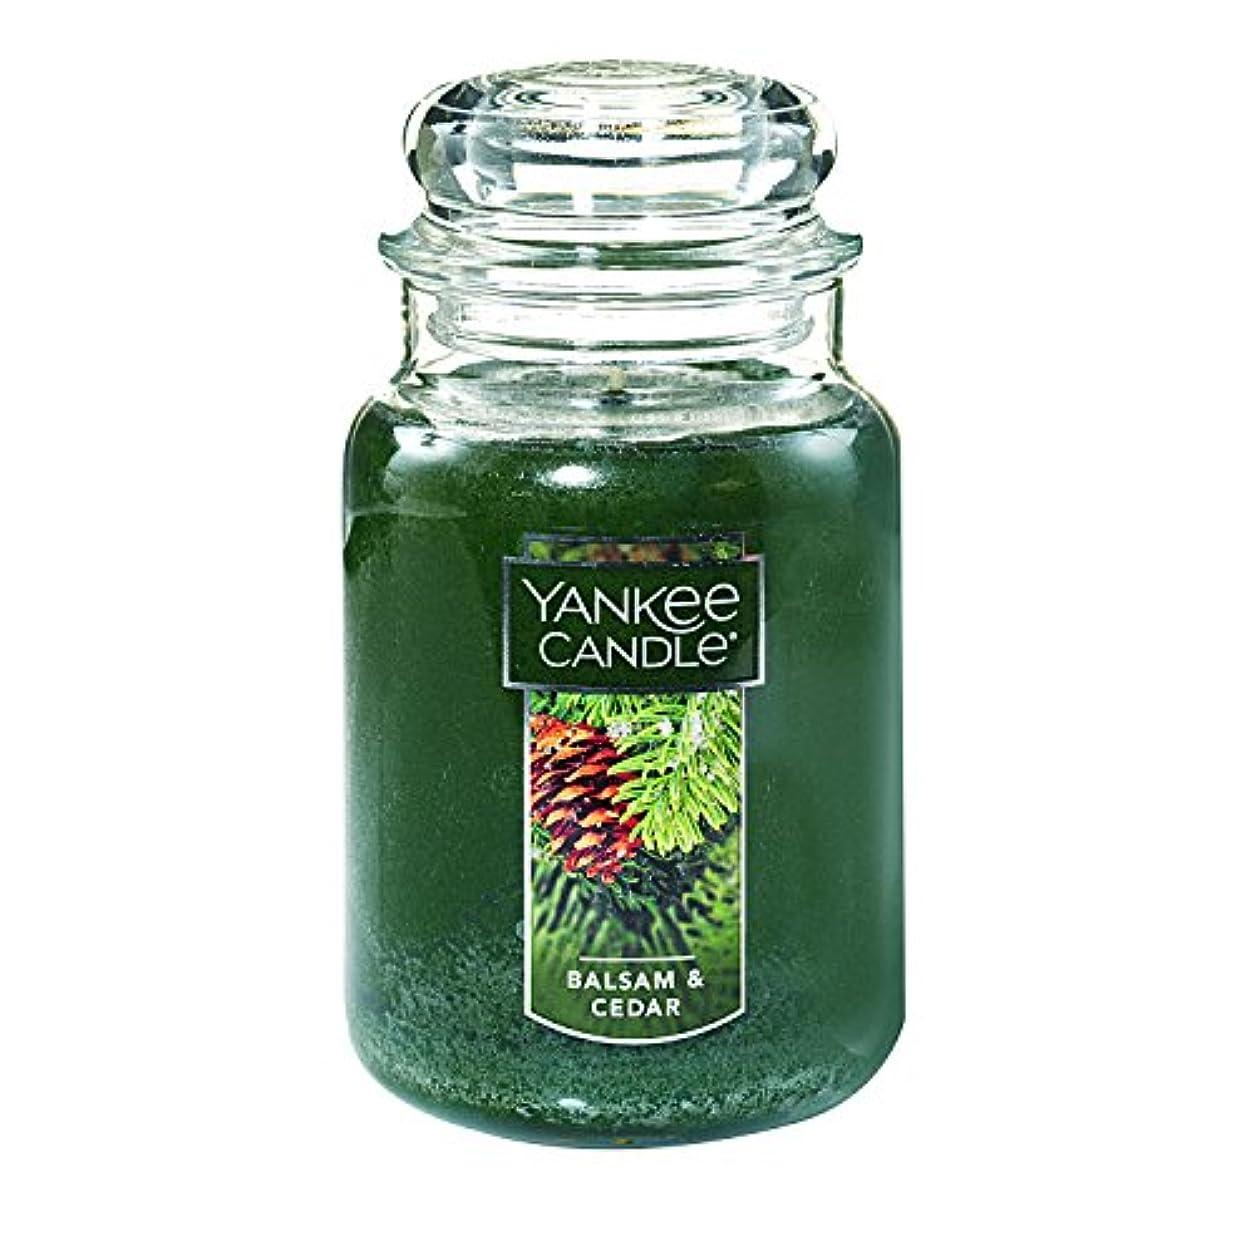 官僚トリム加速する(ヤンキーキャンドル) Yankee Candle ラージ 22オンス ジャーキャンドル バルサム&シダー Large Jar Candle グリーン 1062314